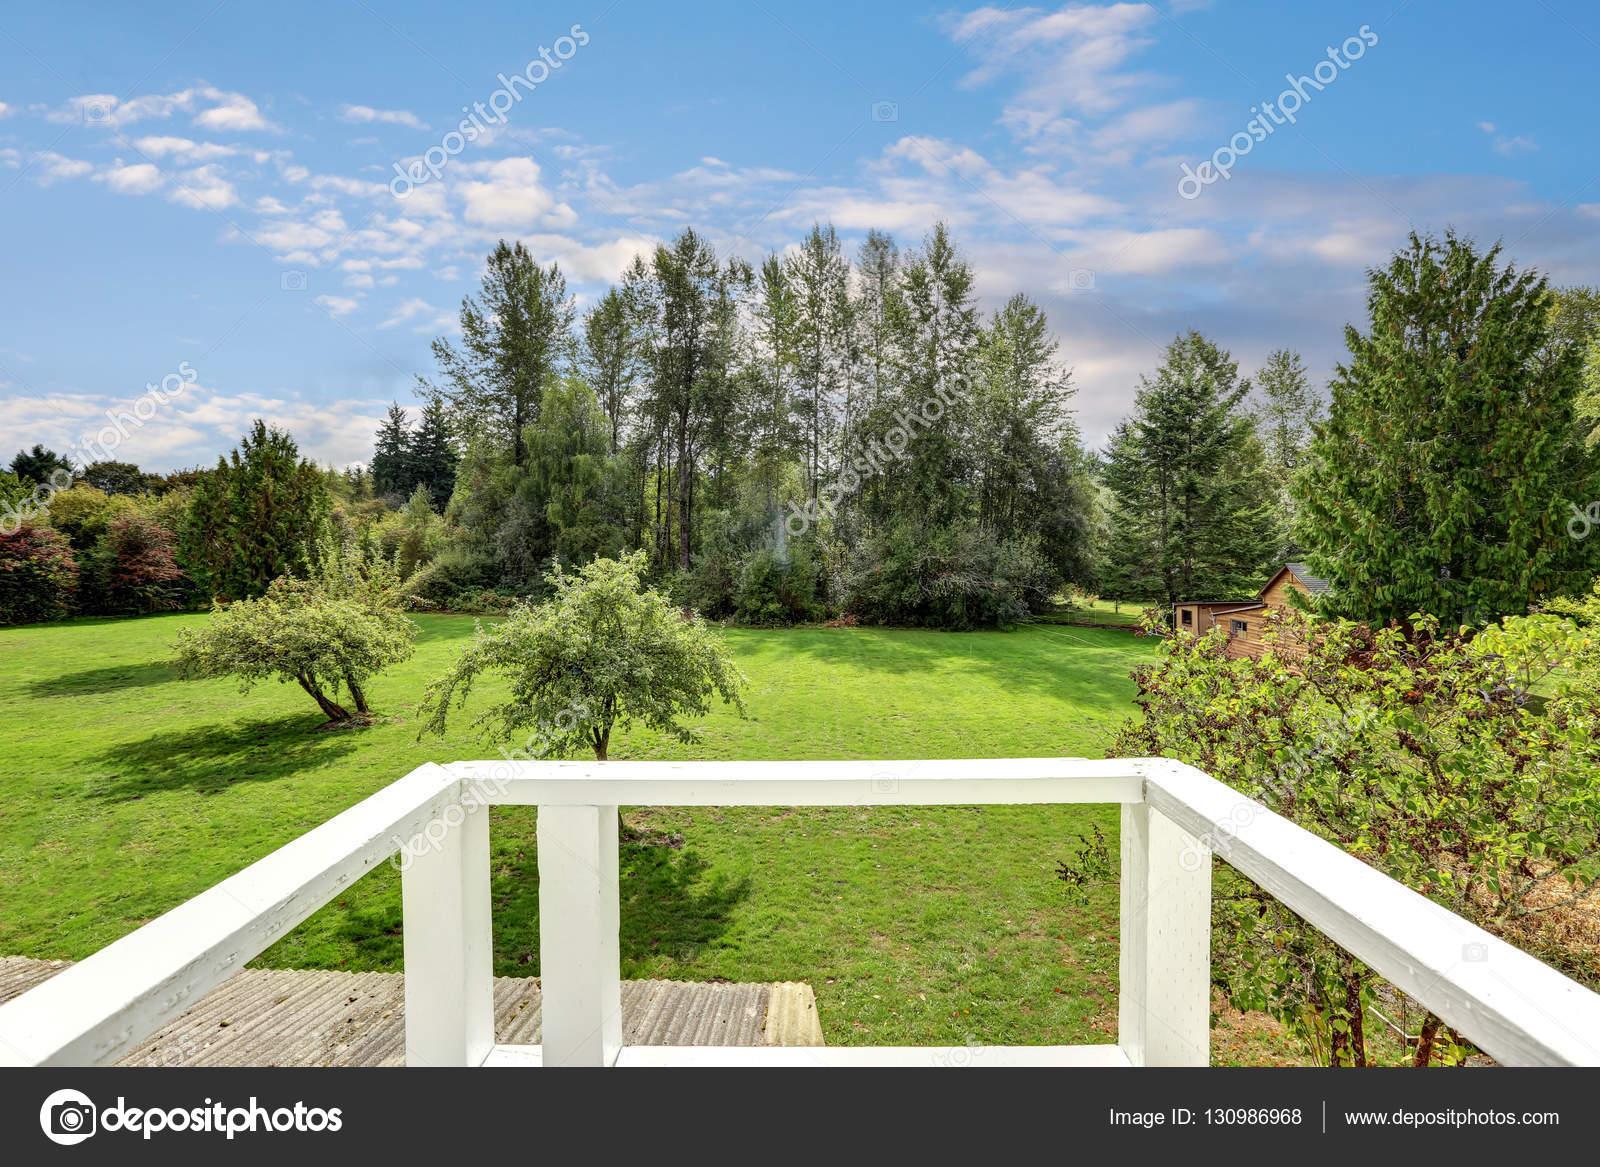 Hinterhof Ansicht Mit Viel Grün Aus Dem Haus Balkon. Schöne Landschaft.  Nordwesten, Usa U2014 Foto Von Iriana88w